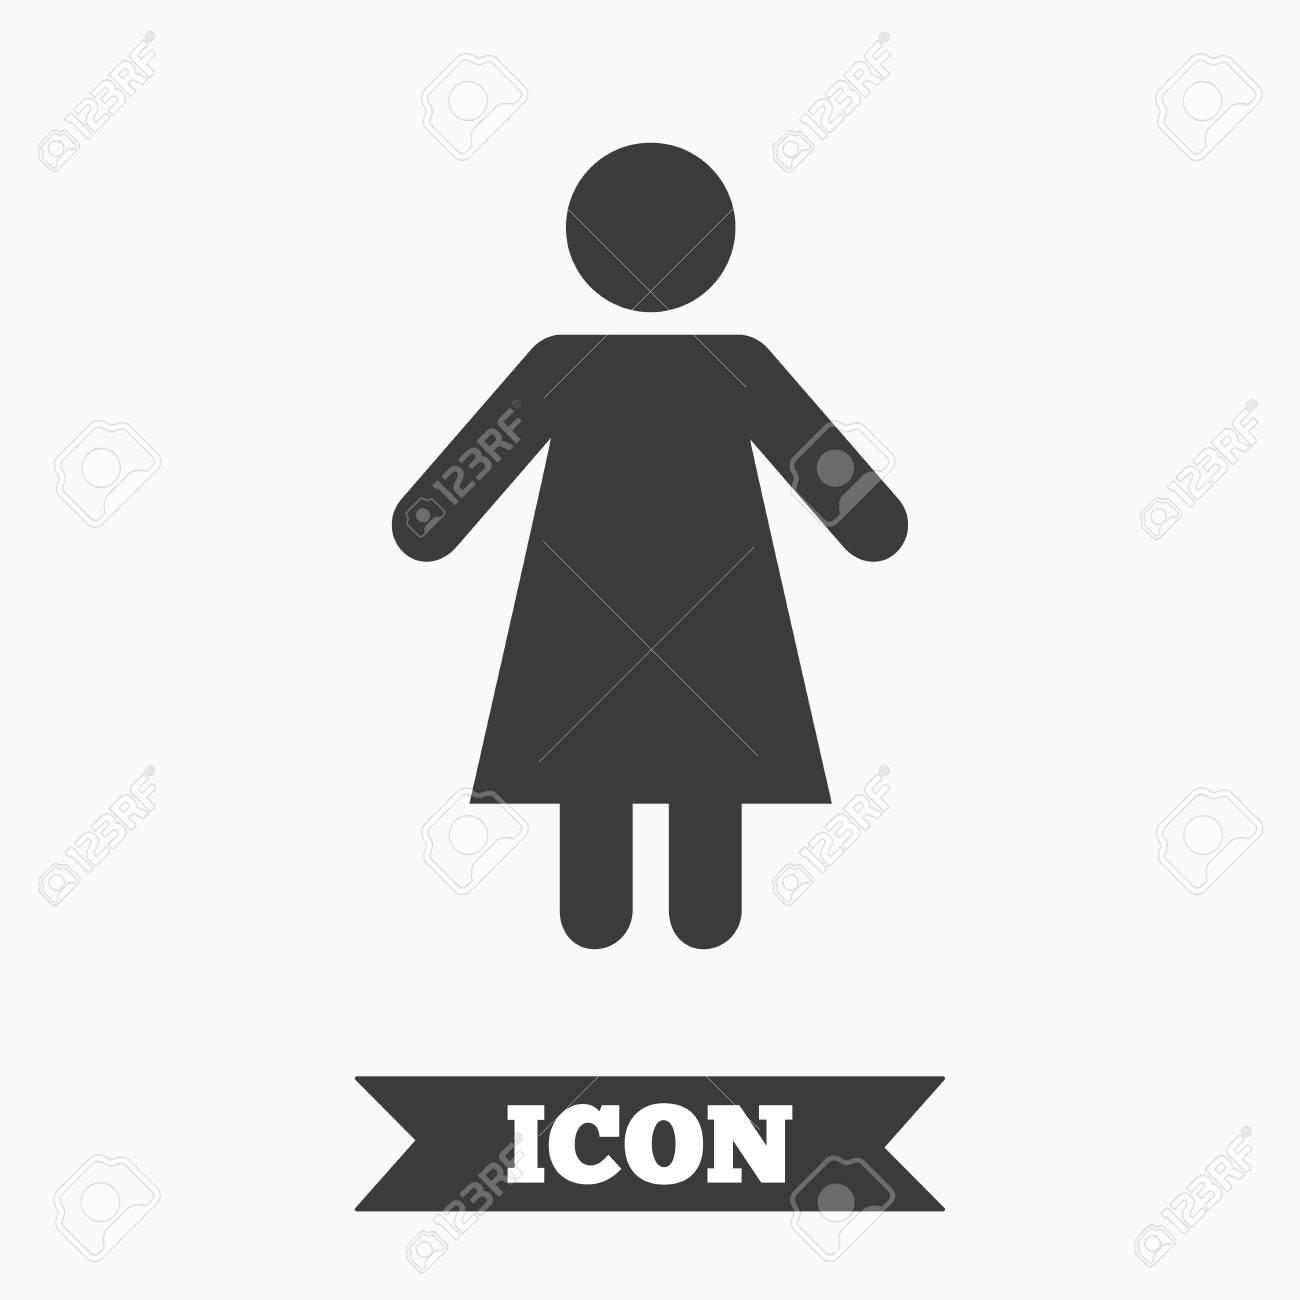 Icône De Signe Féminin Symbole Humain De Femme Toilettes Pour